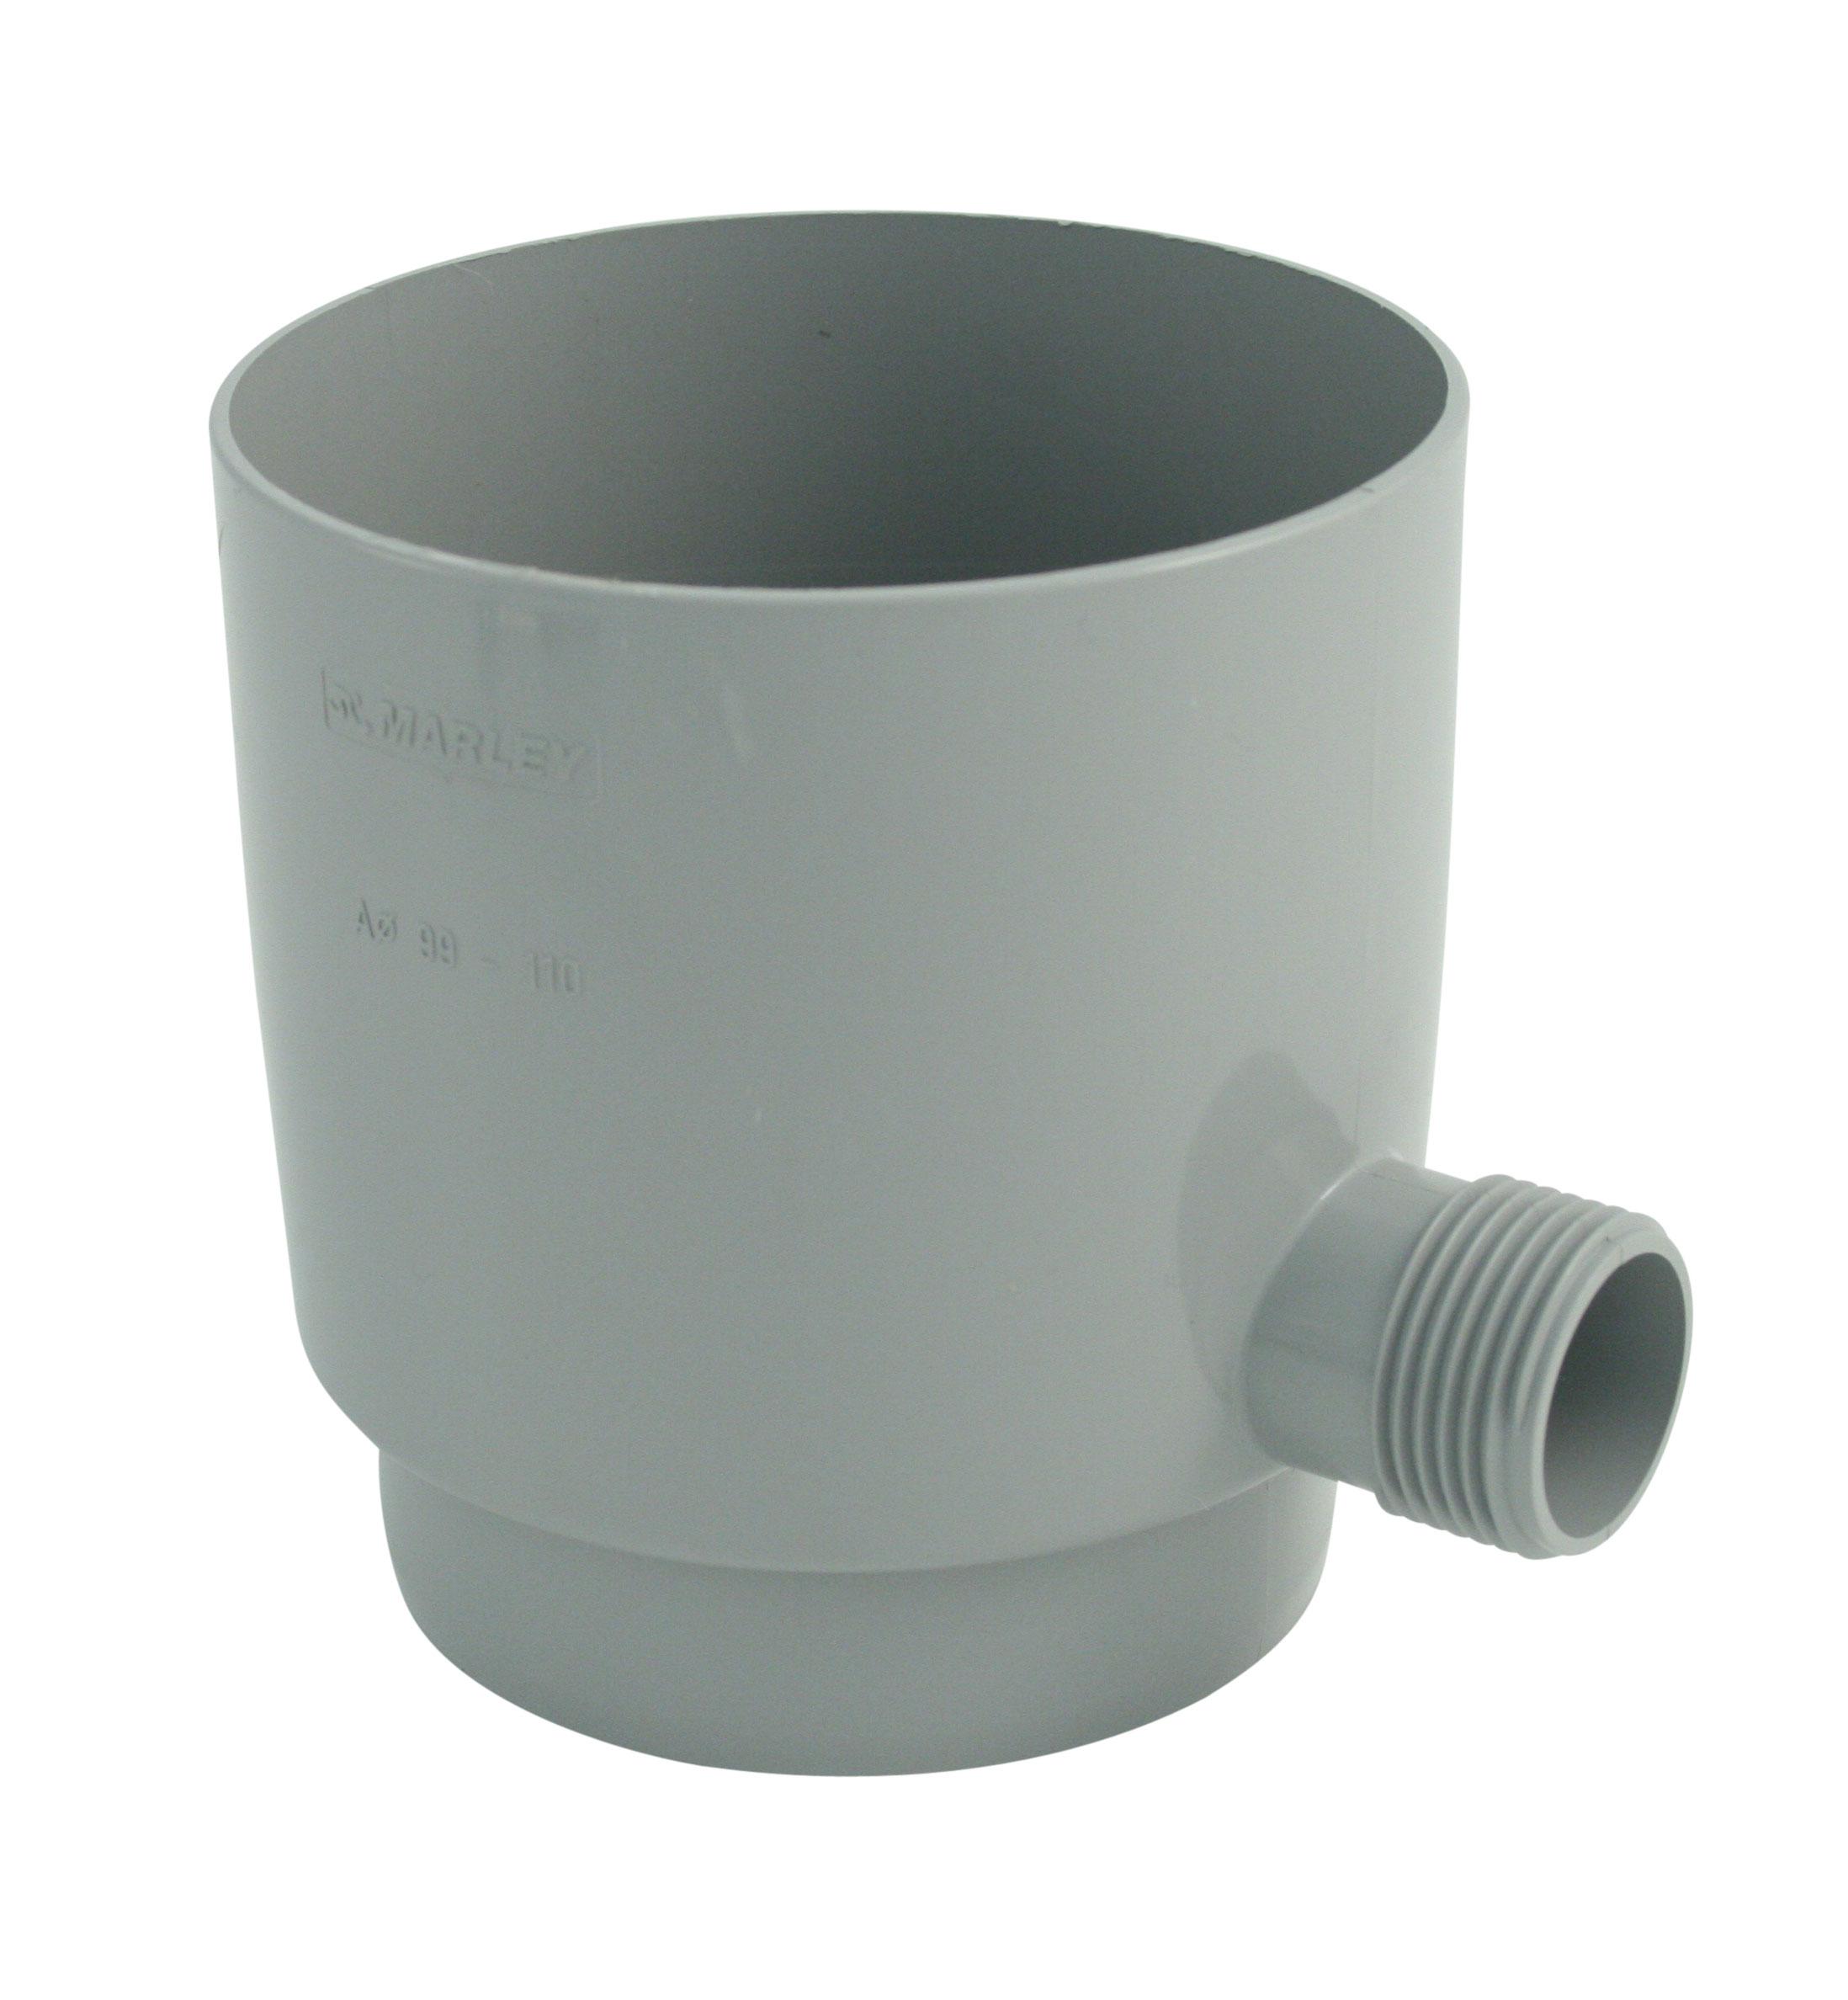 Regensammler grau mit Überlaufstop DN75 Bild 1